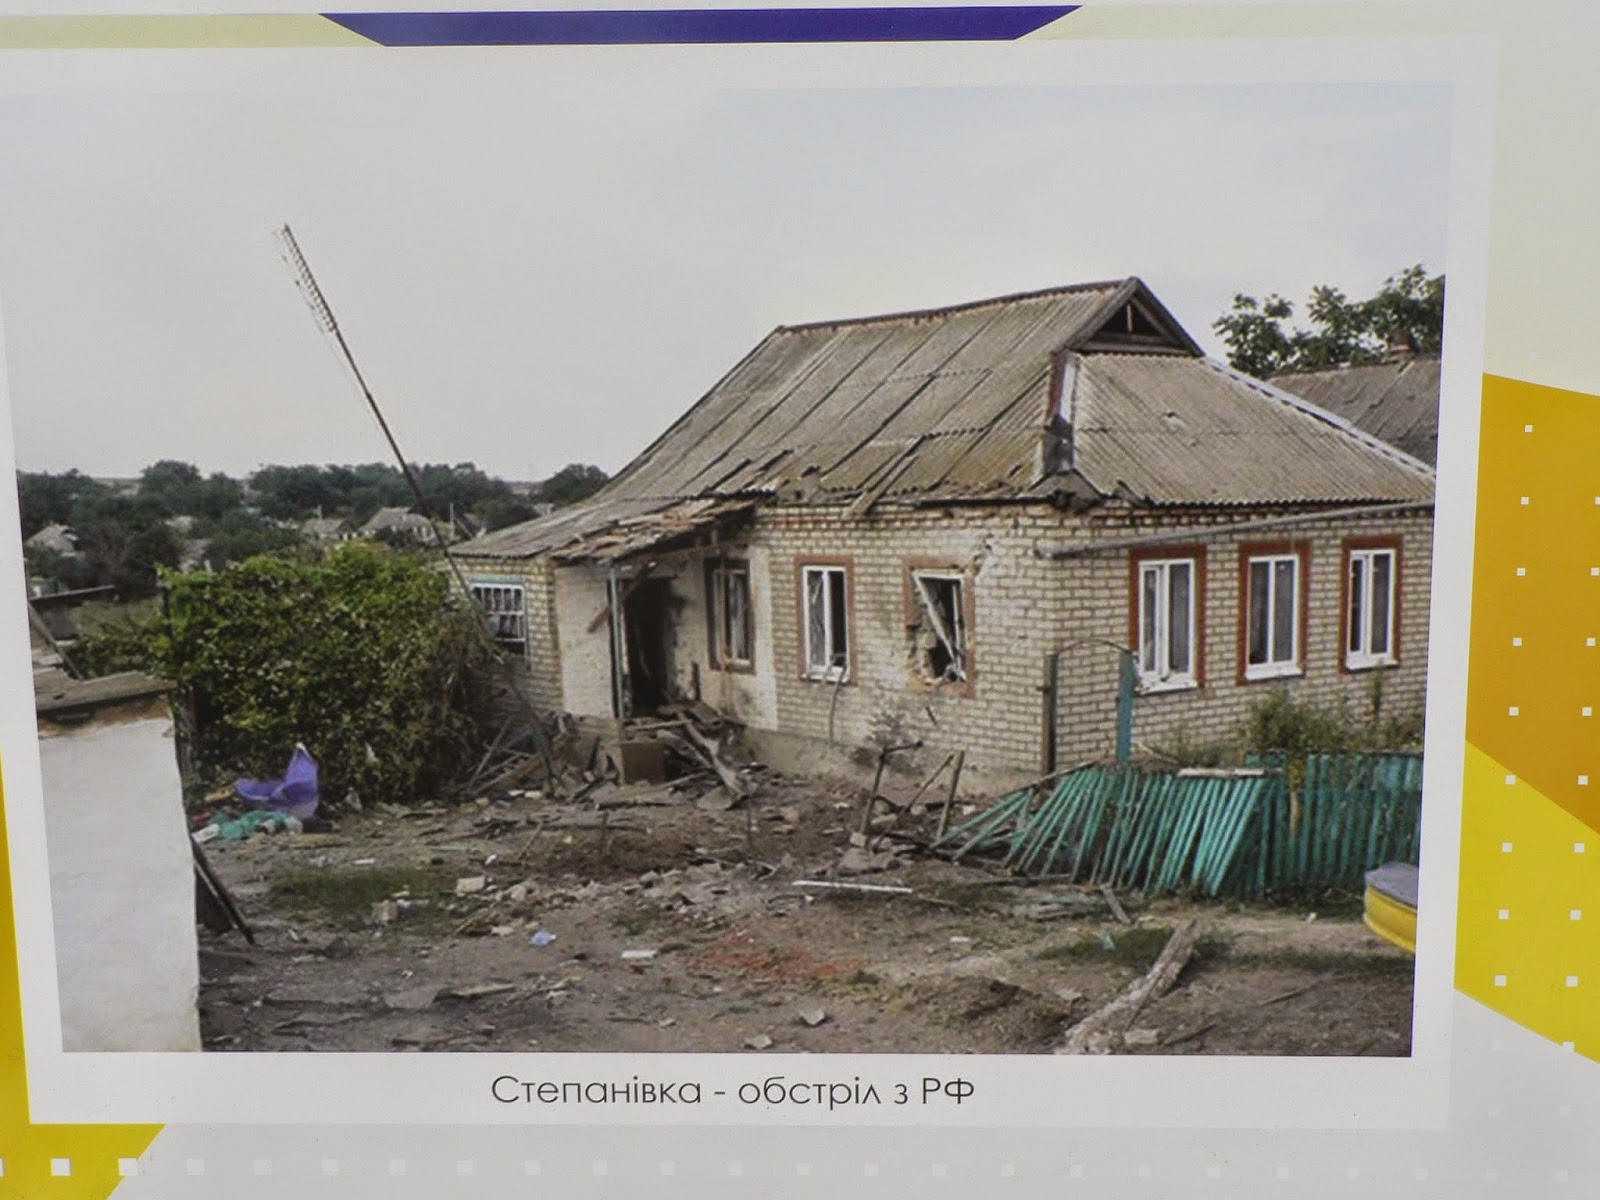 Stepanovka